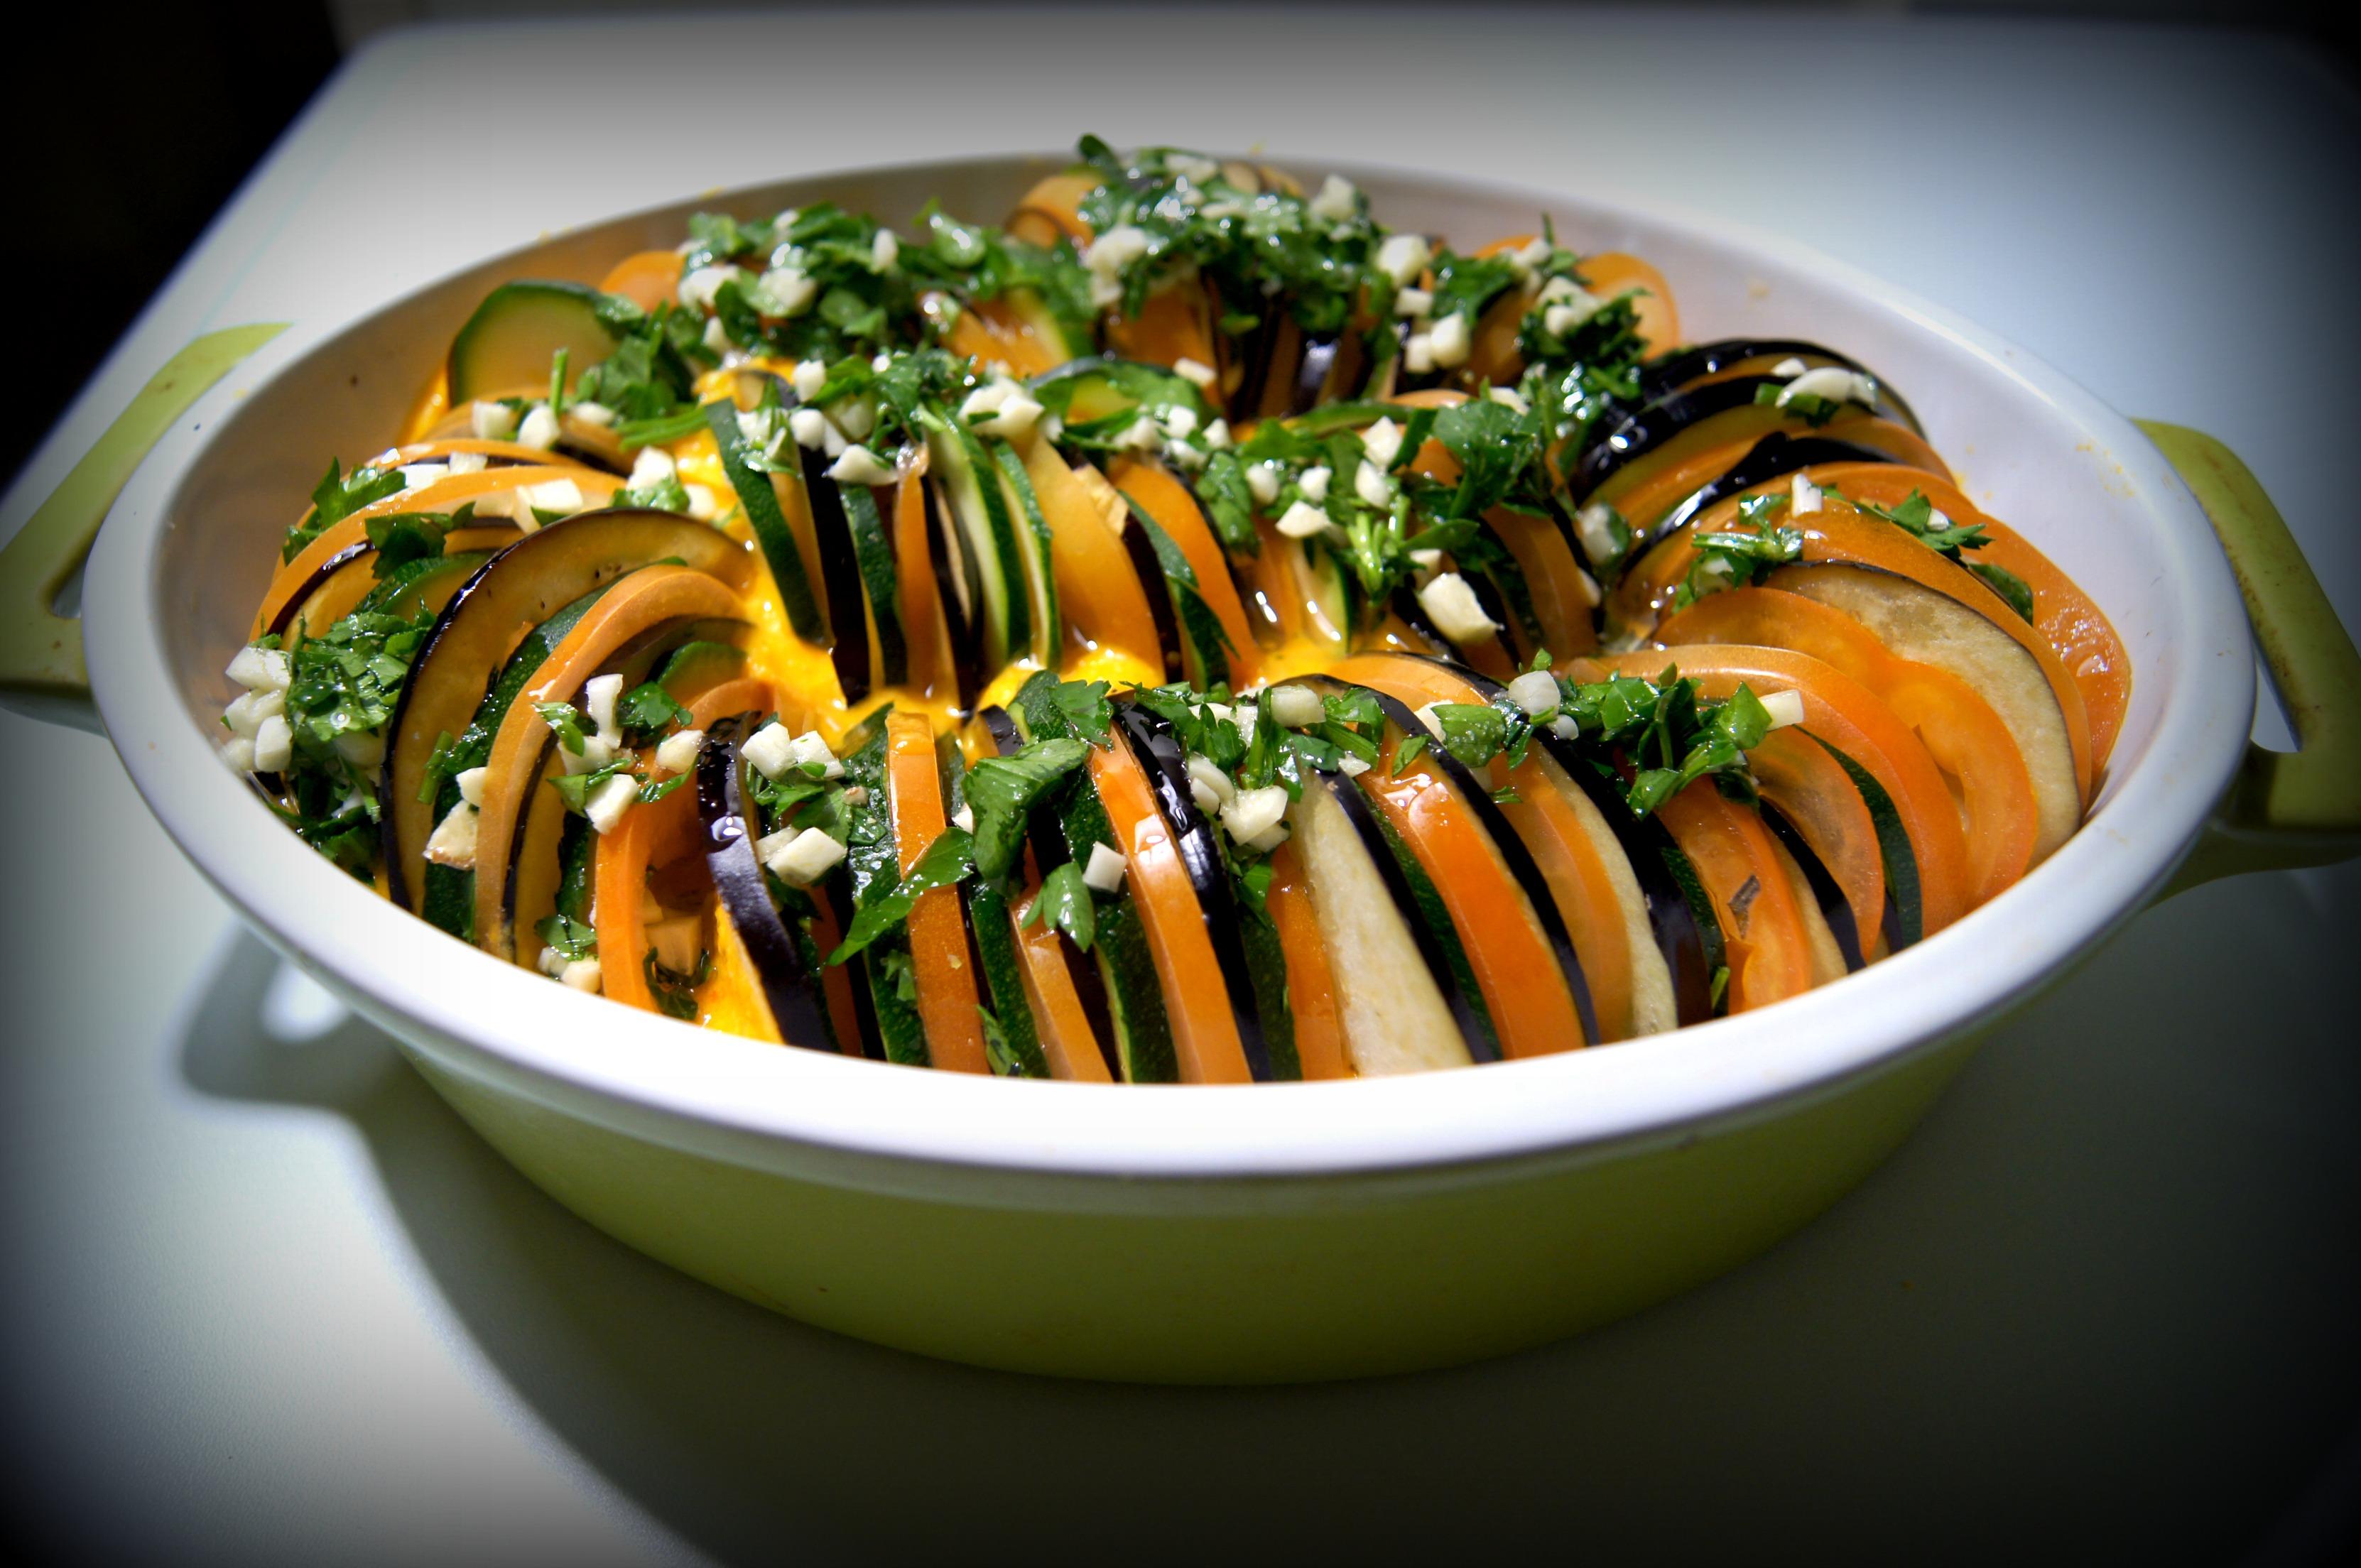 блюда из овощей рецепты с фото простые вороном сидящим